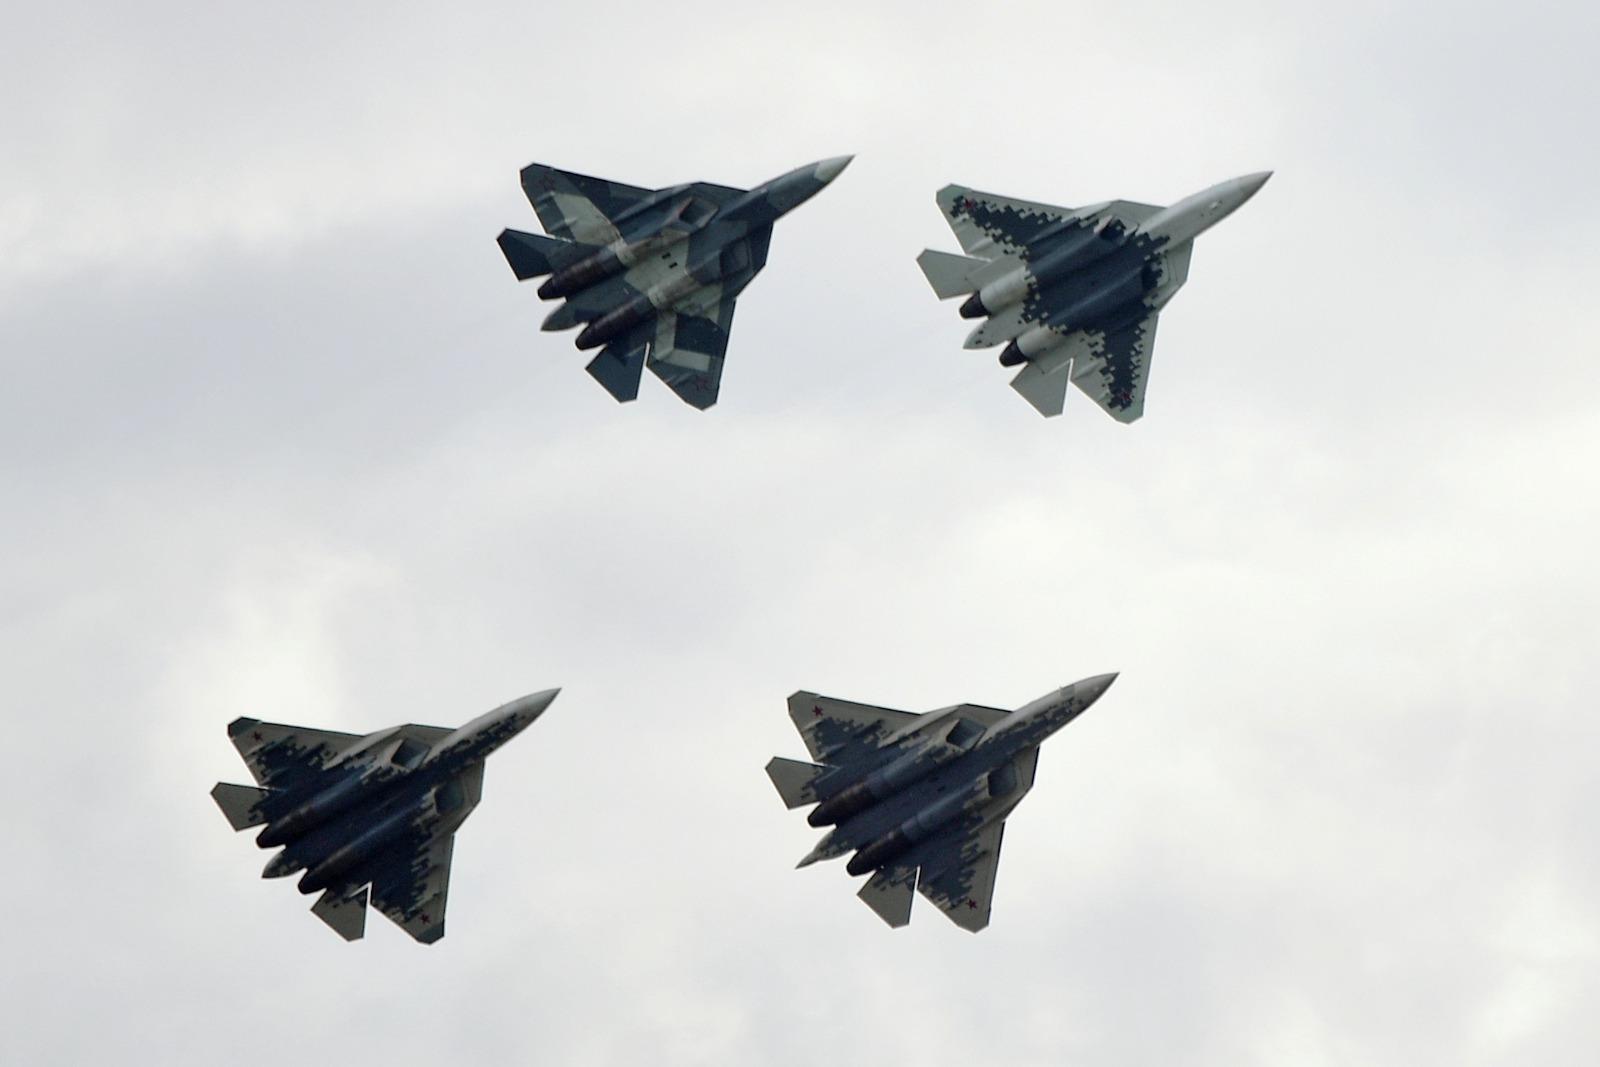 Half of Russia's Su-57 Stealth Fighter Fleet Went Airborne—What